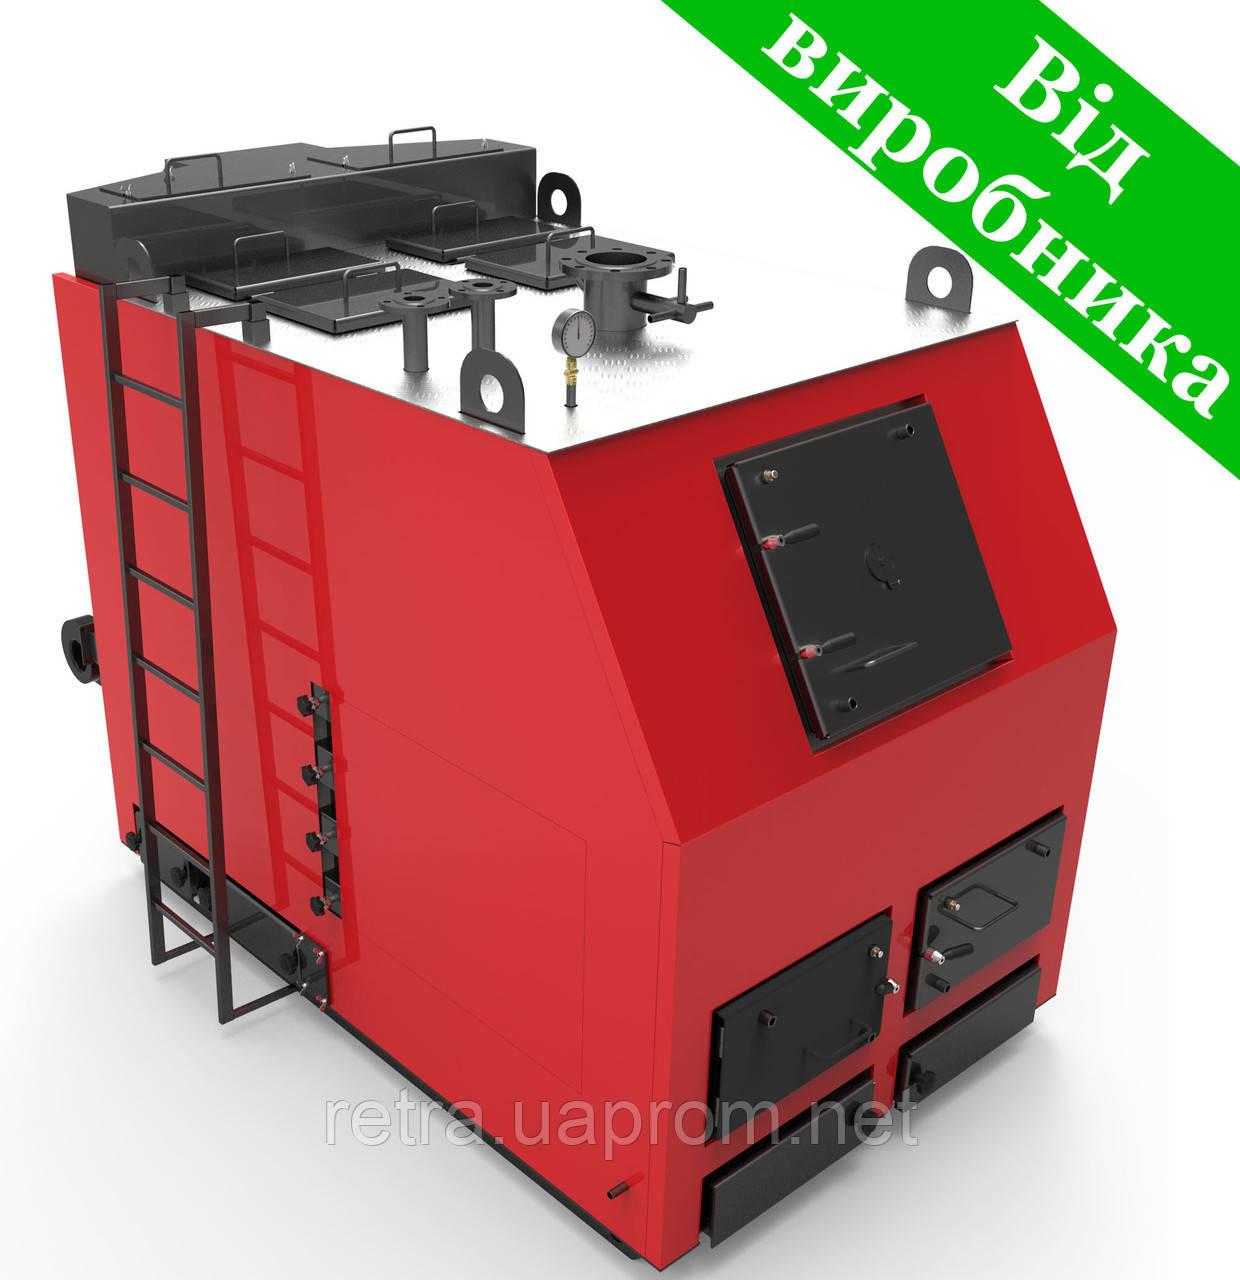 Котел твердотопливный Ретра-3М 900 кВт промышленный длительного горения